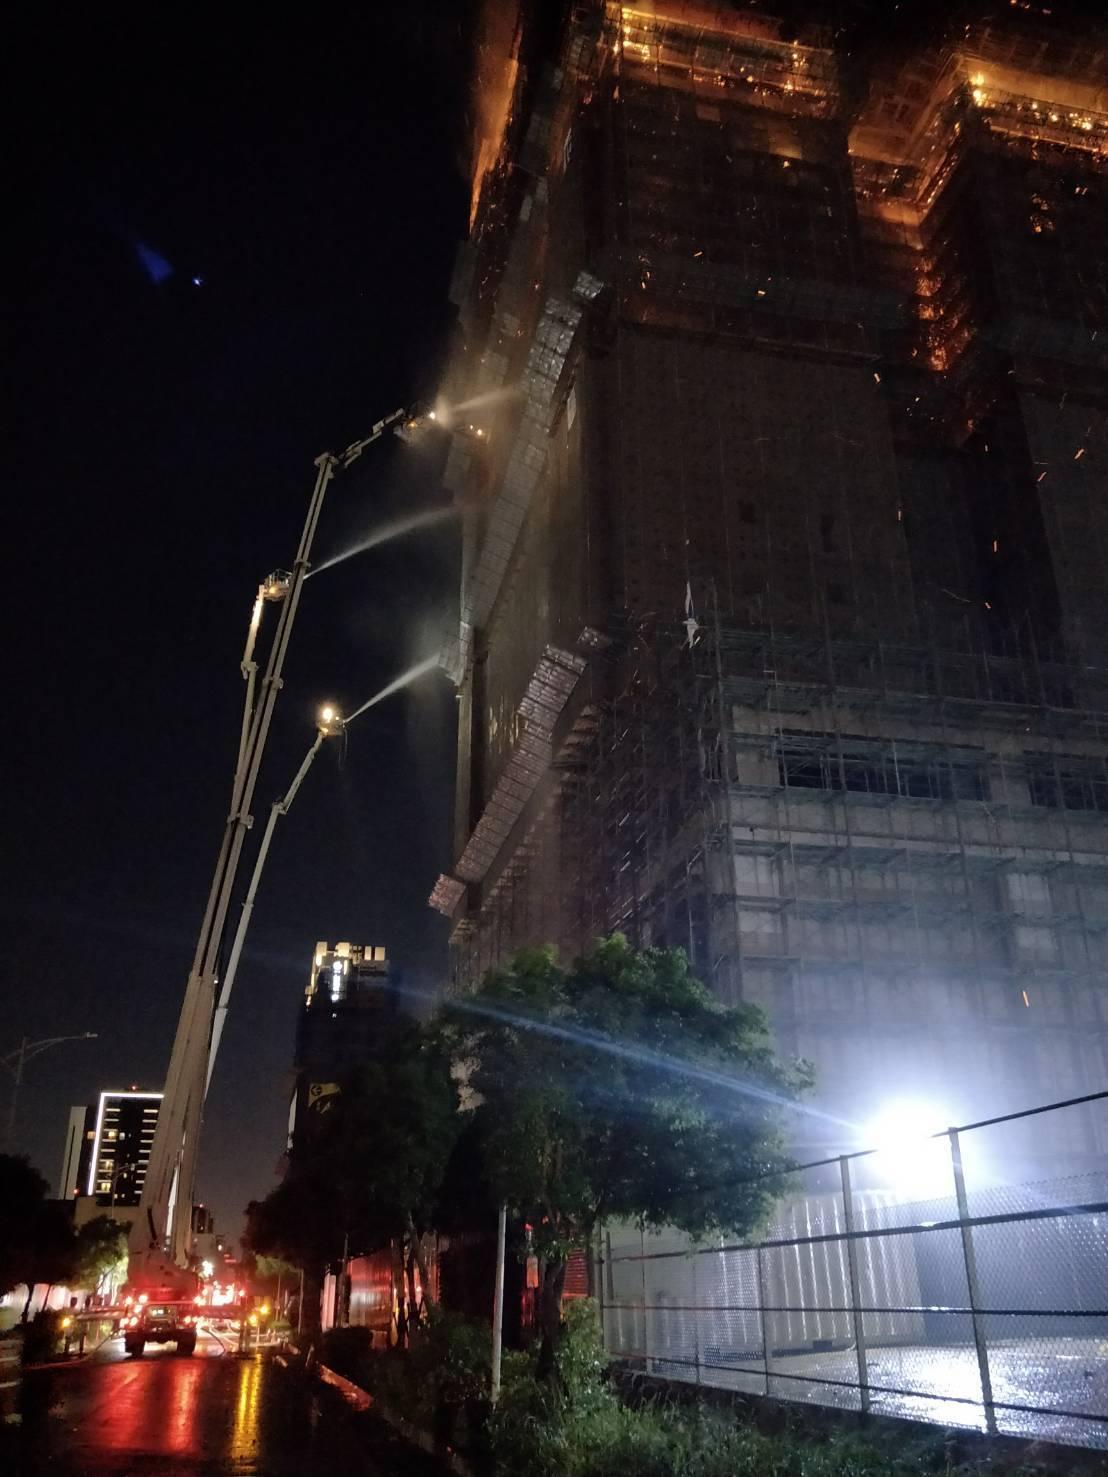 新北市新莊區的中悅集團「悅之光」建案大樓火警,15到24樓付之一炬,消防隊出動雲...